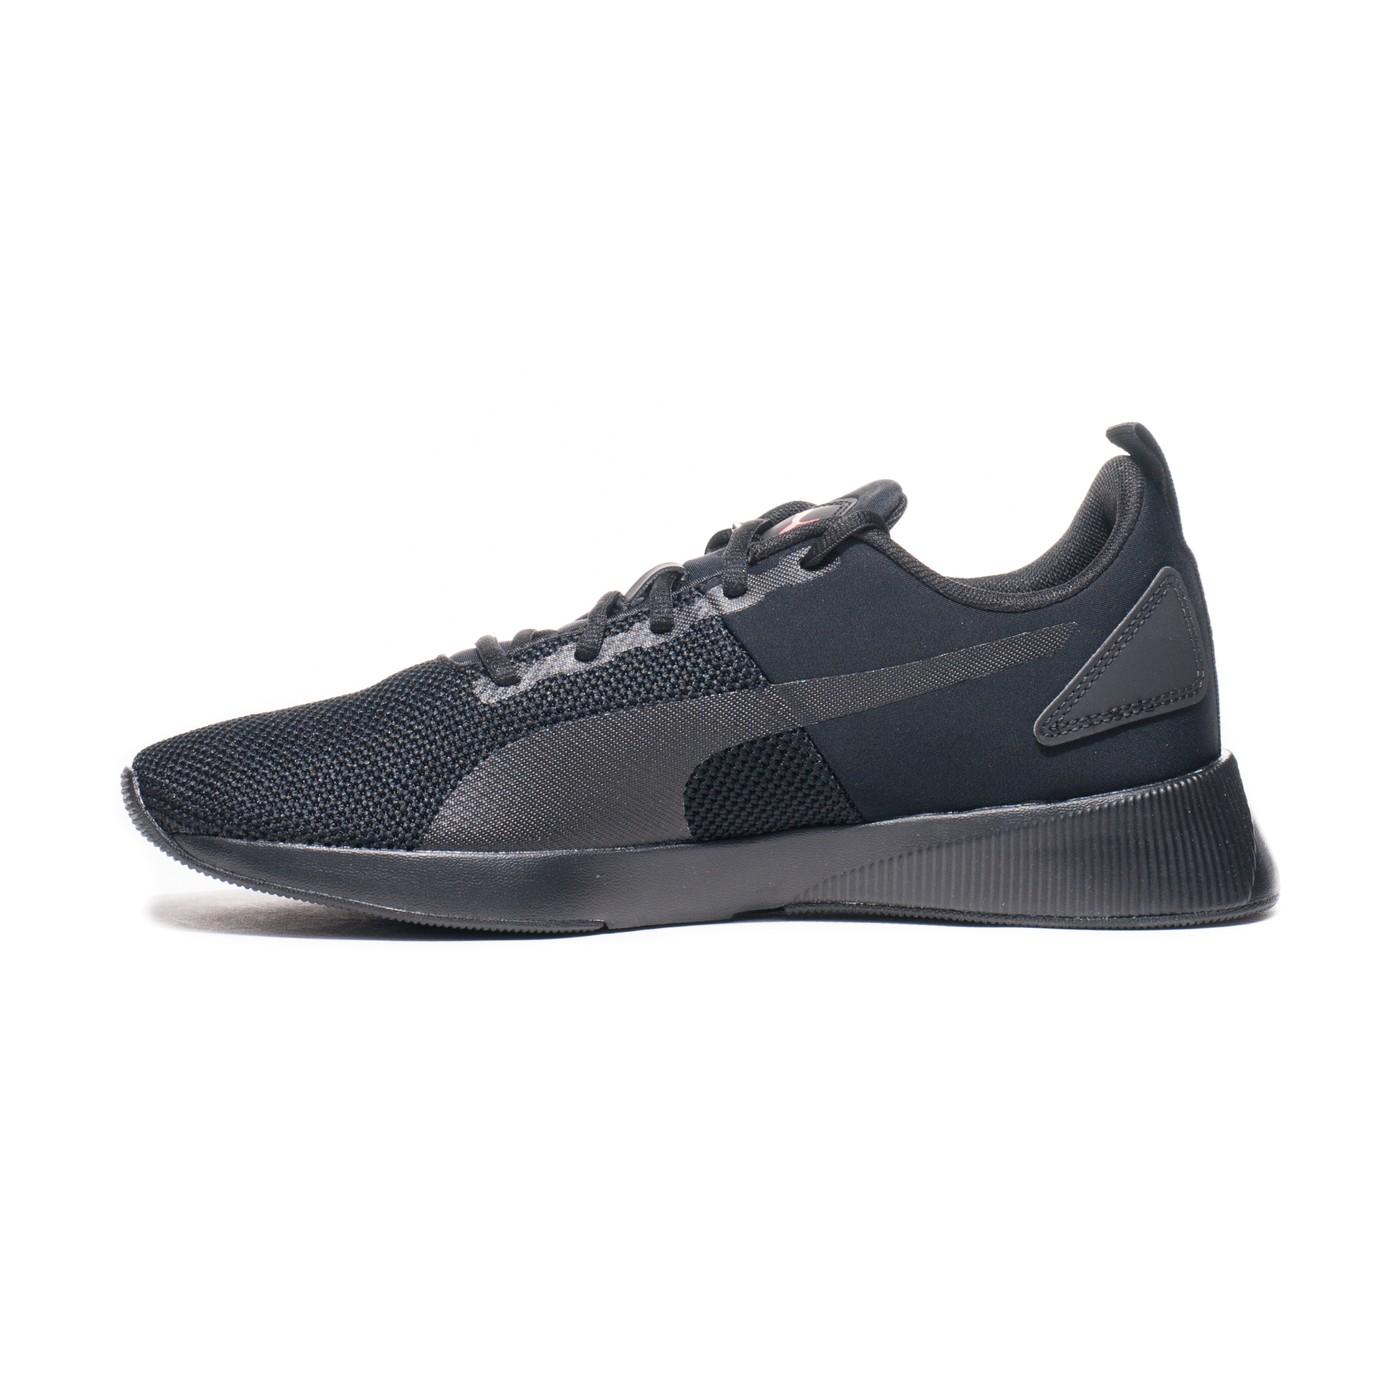 Кросівки чоловічі Puma FLYER RUNNER для бігу